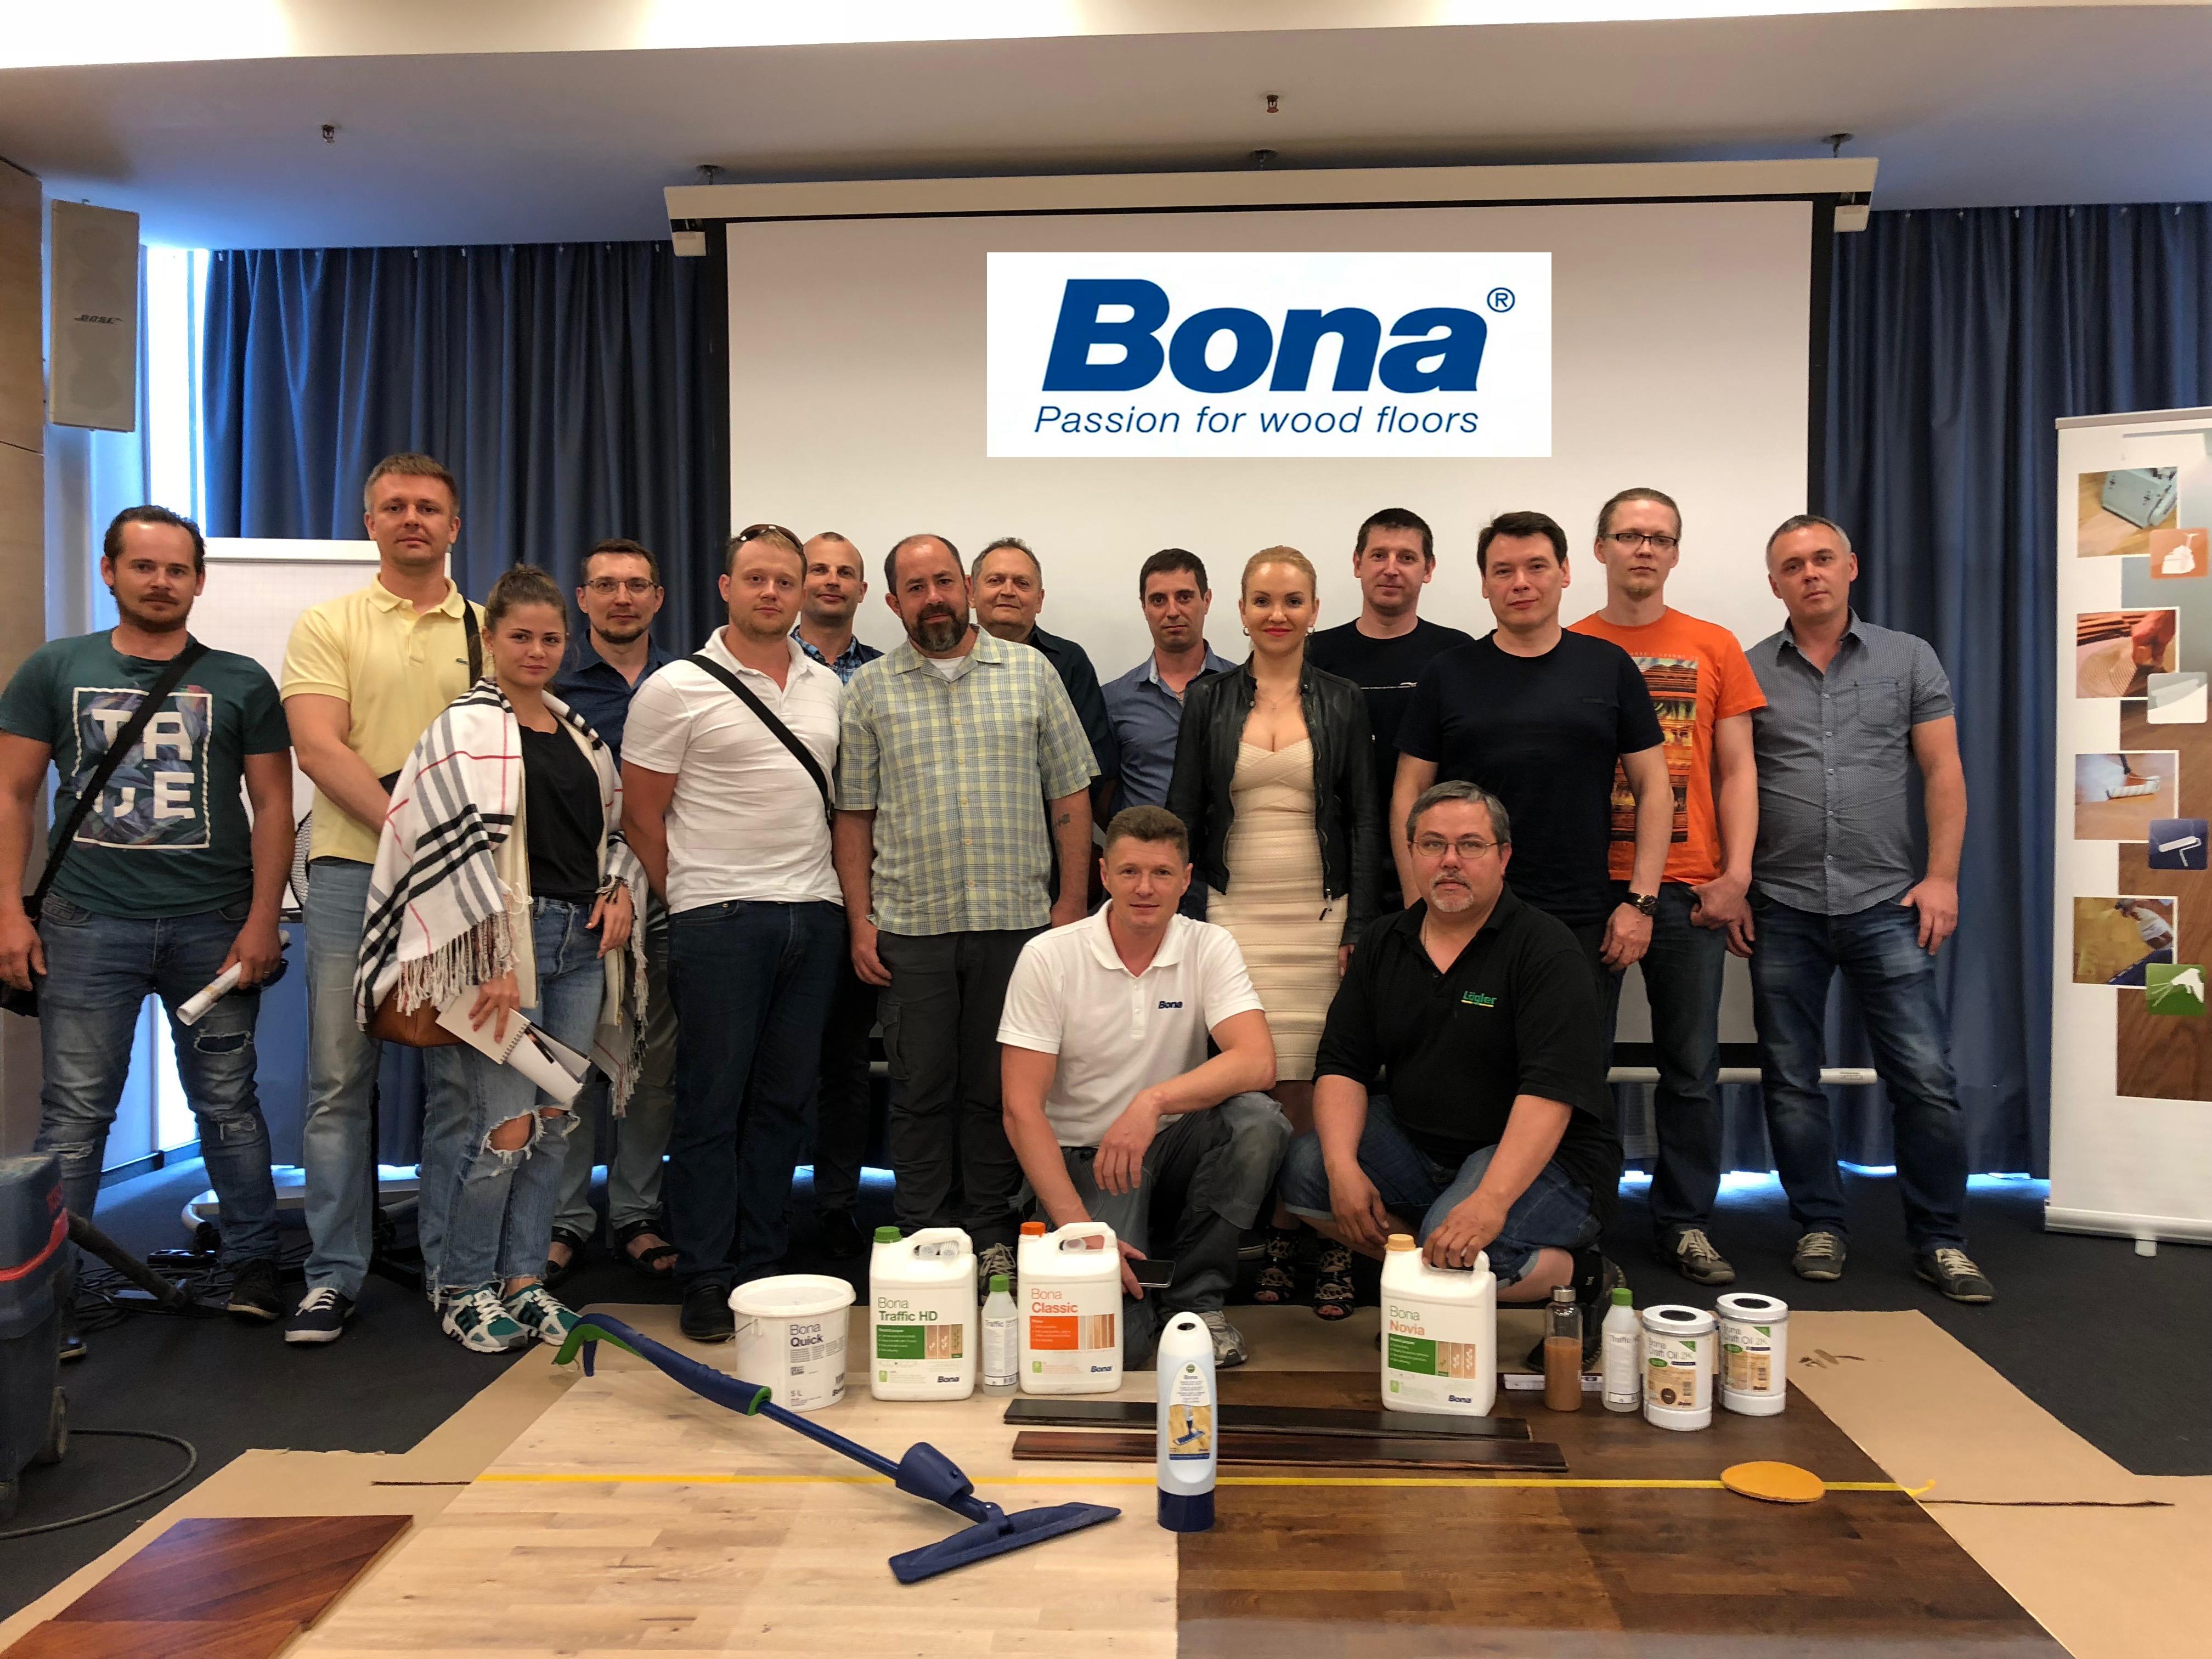 Семинар профессиональной паркетной продукции Bona 30.05.2018